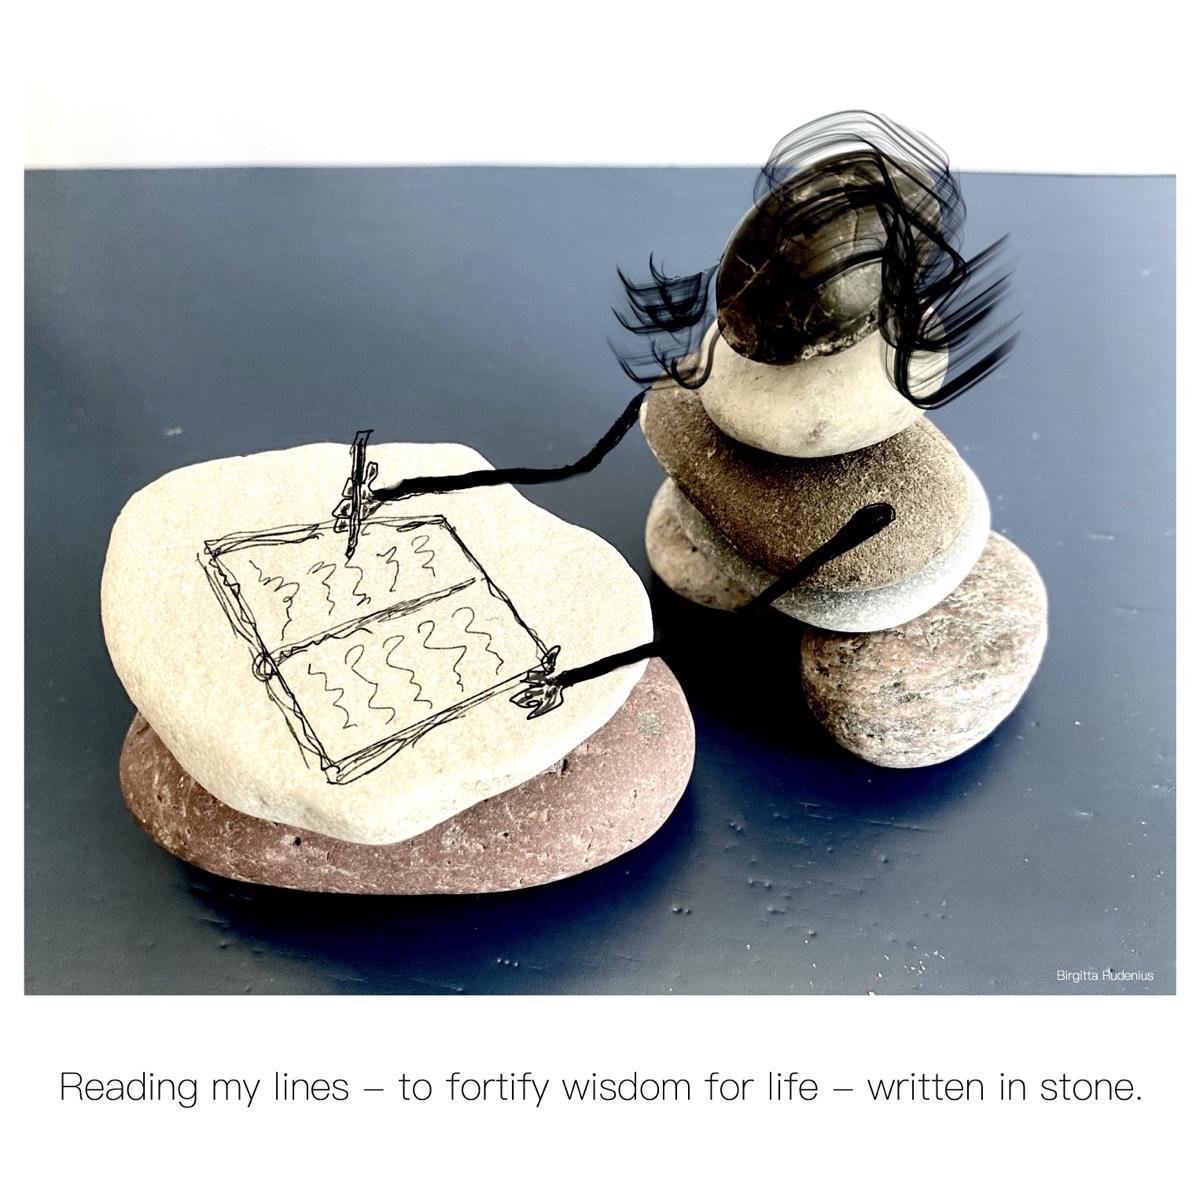 Written in stone - @ Birgitta Rudenius